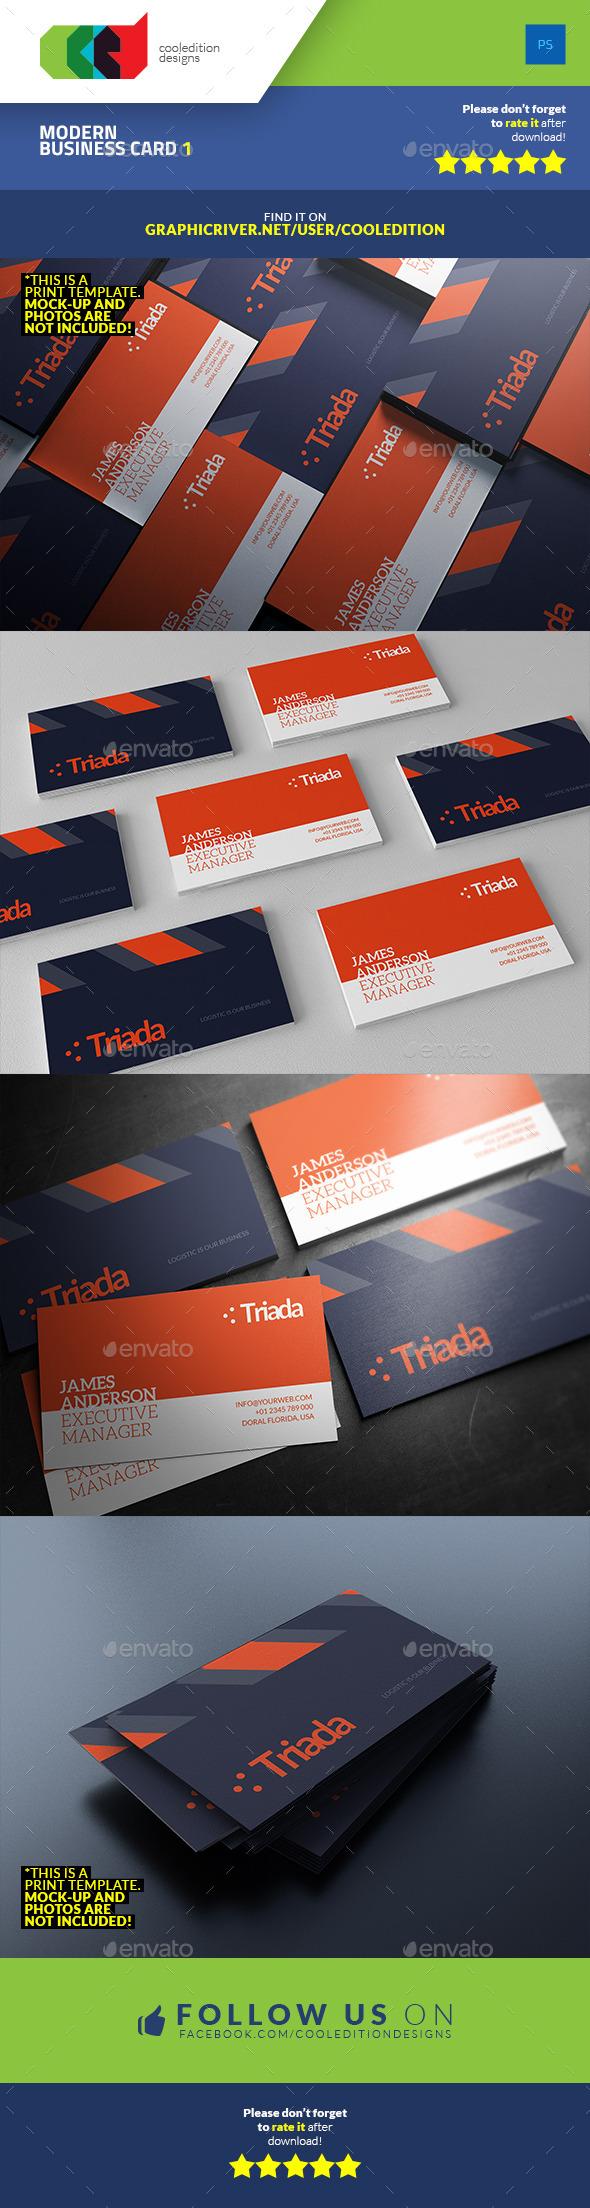 Modern Business Card 1